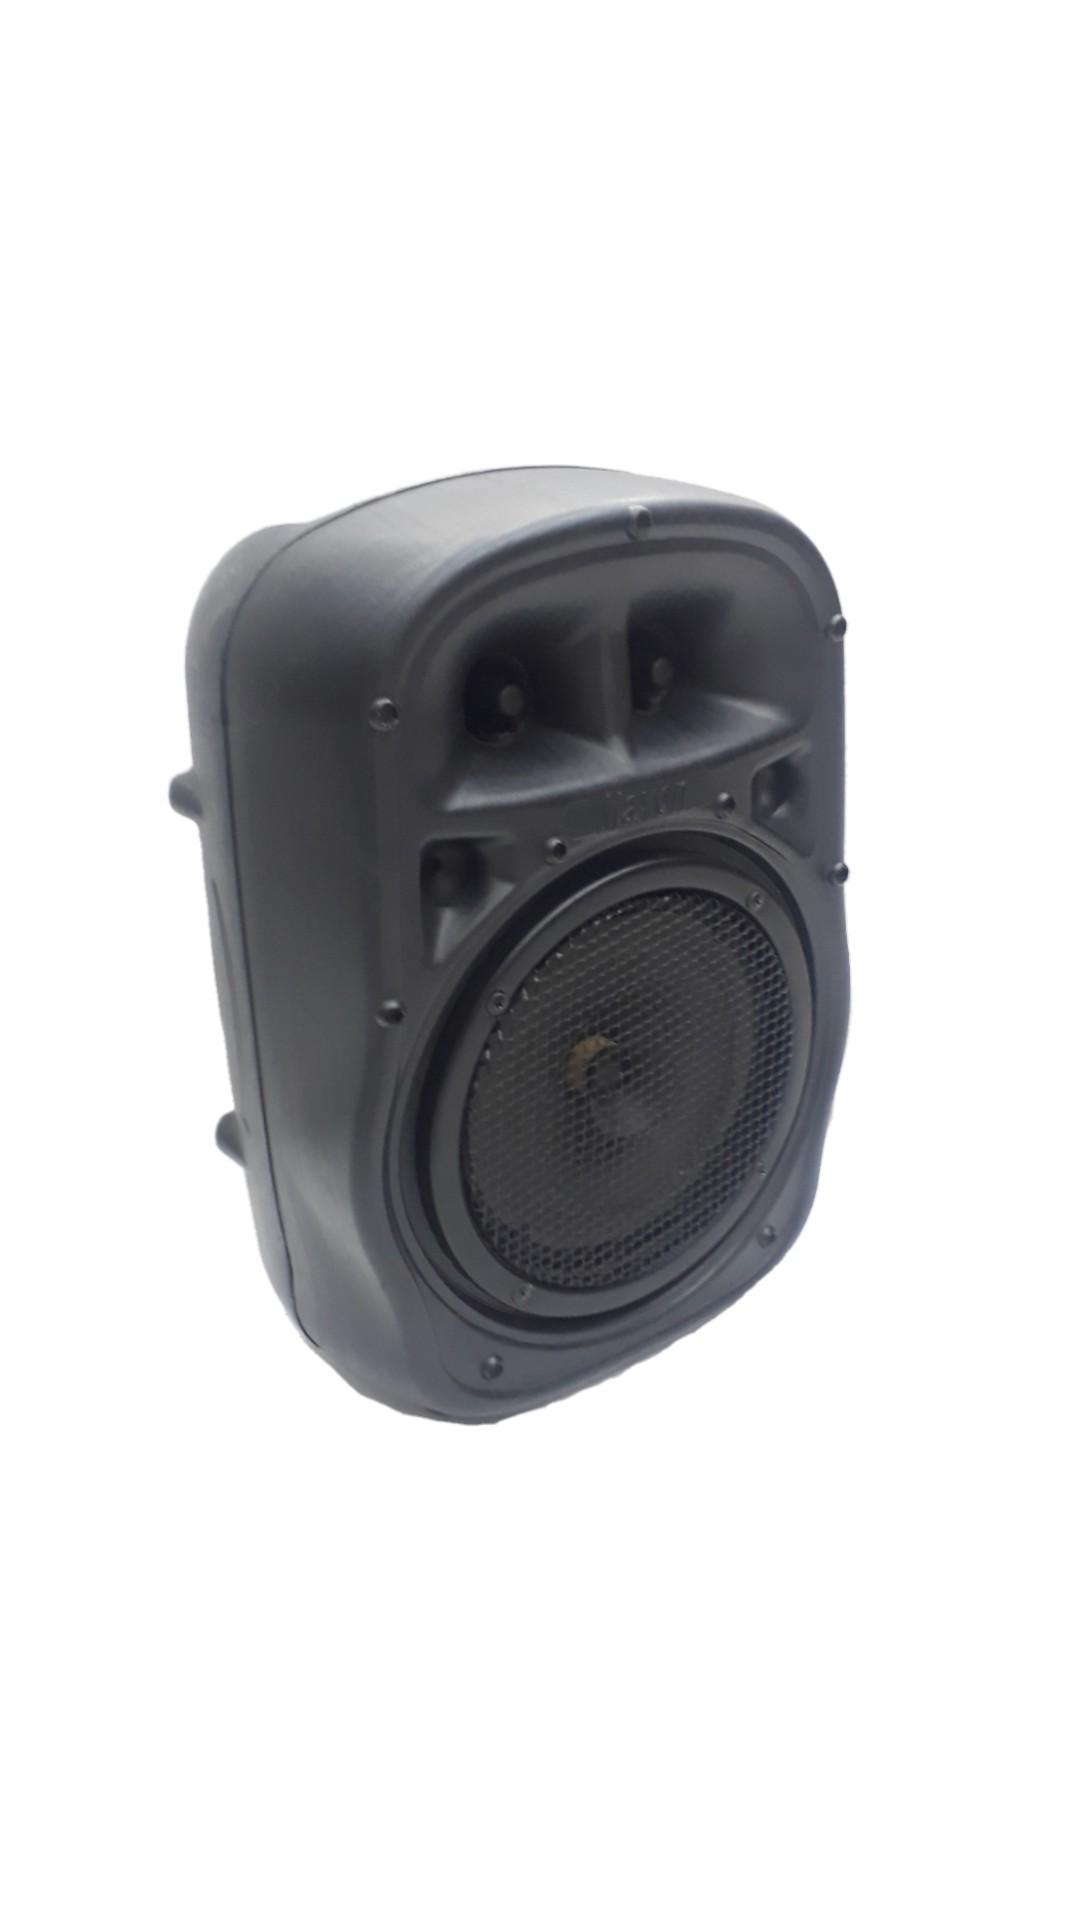 Caixa Acústica Supertech Pe8 Turbinada Falante 6 seco Passiva 99wref